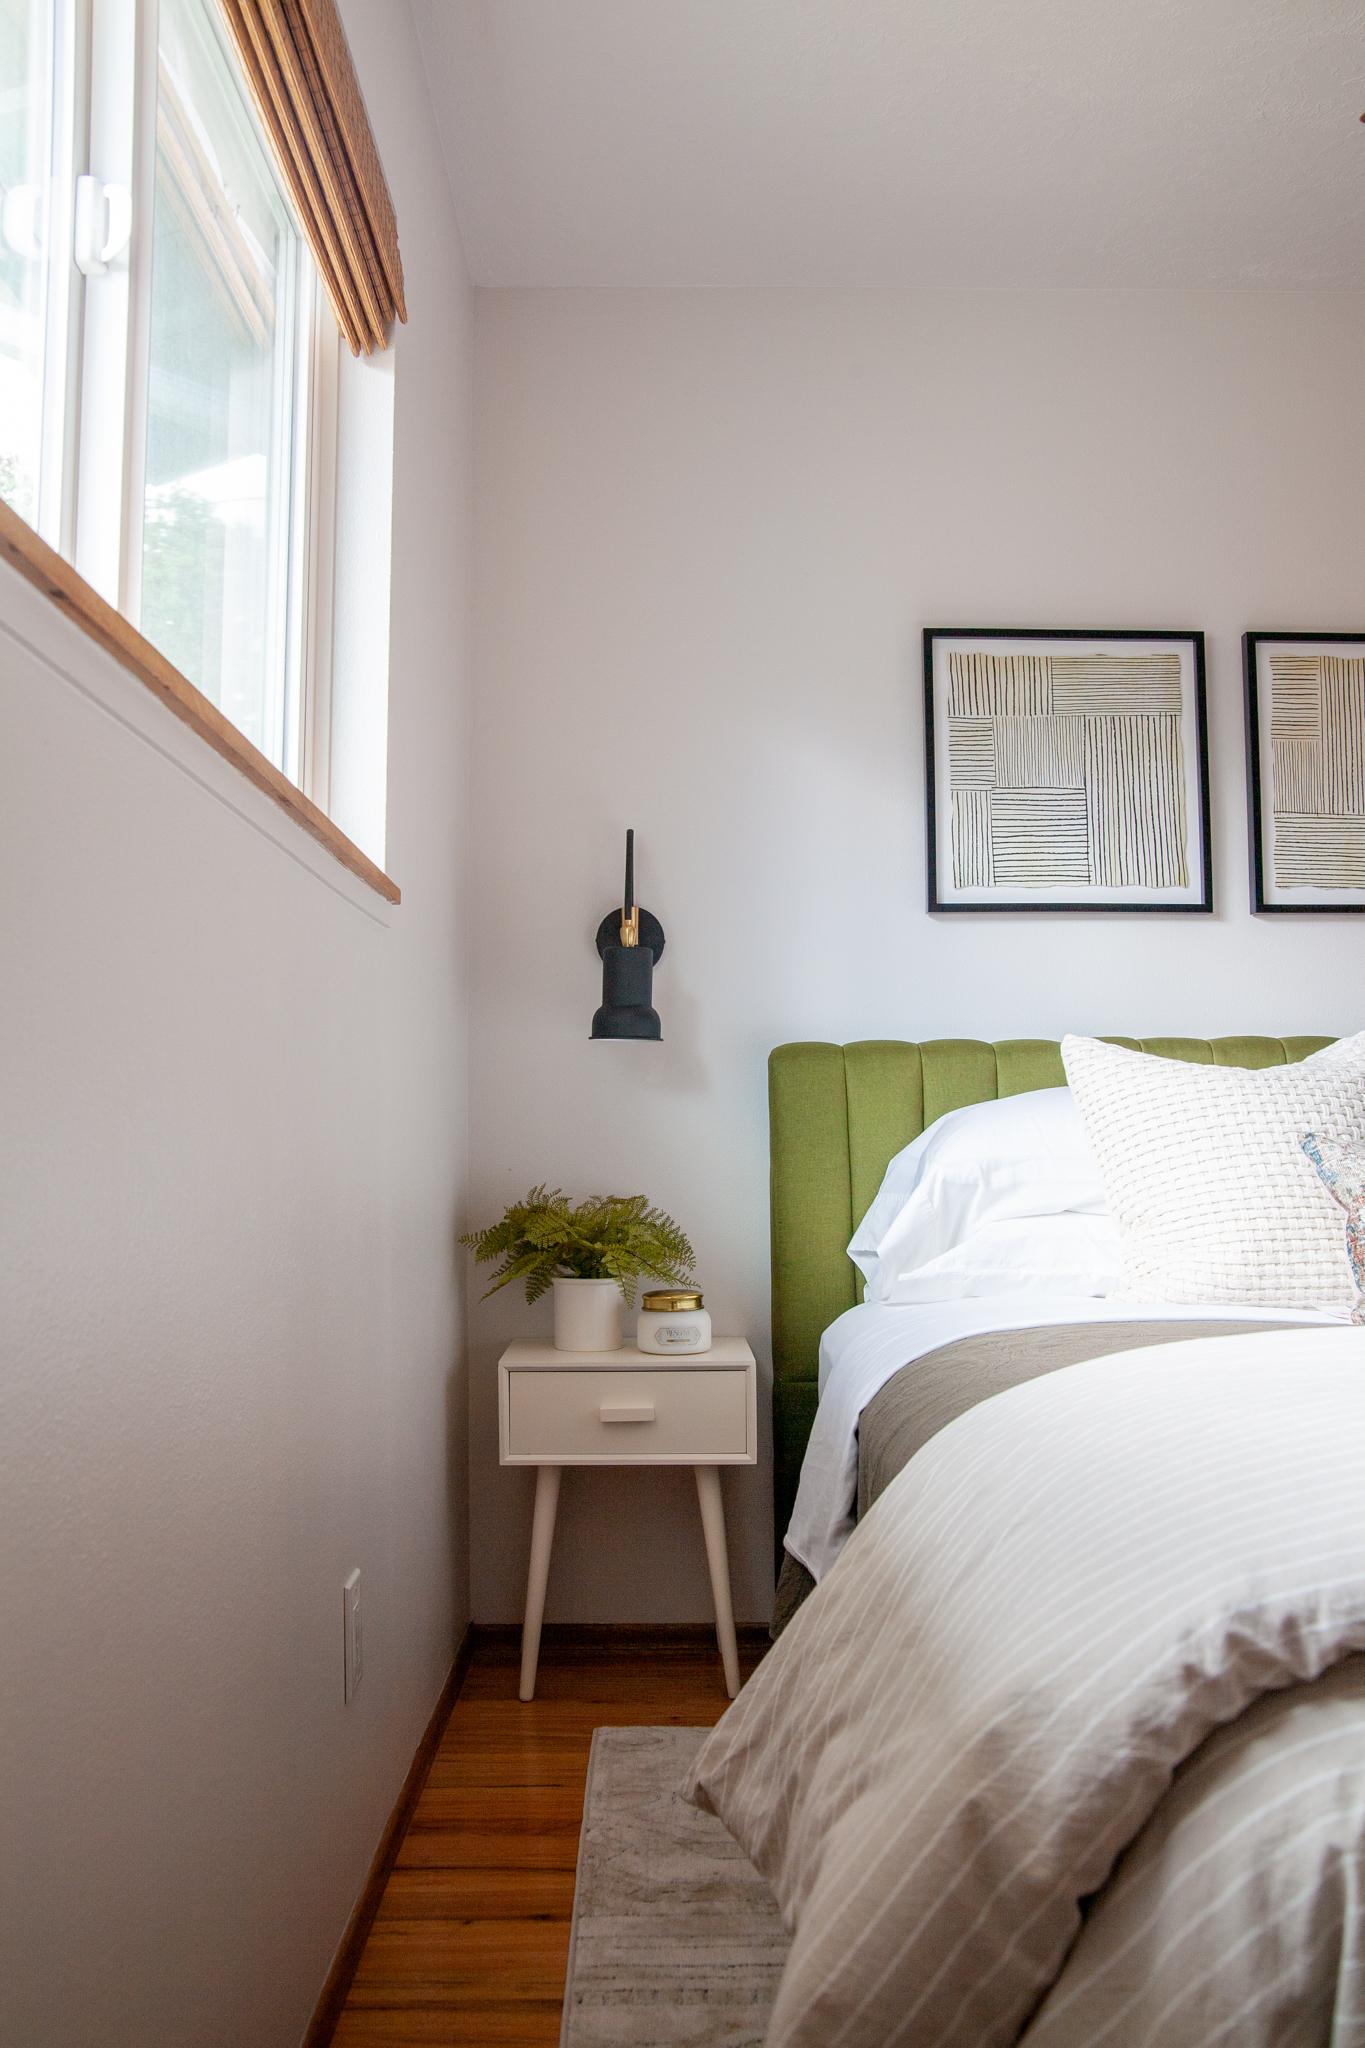 Updated Midcentury Modern Guest Bedroom Reveal One Room Challenge Week 8 Create Enjoy